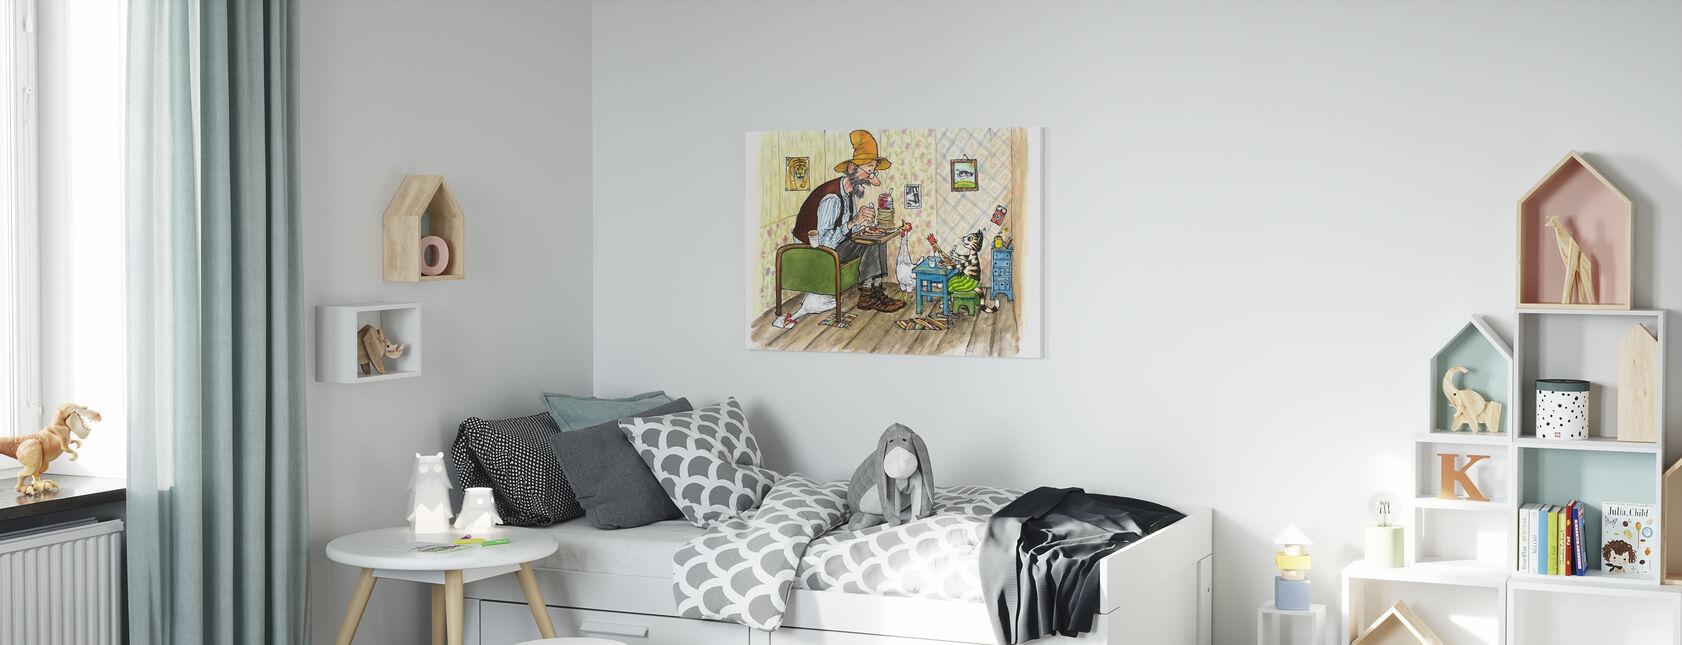 Pettson og Findus - Findus flytter ut - Lerretsbilde - Barnerom